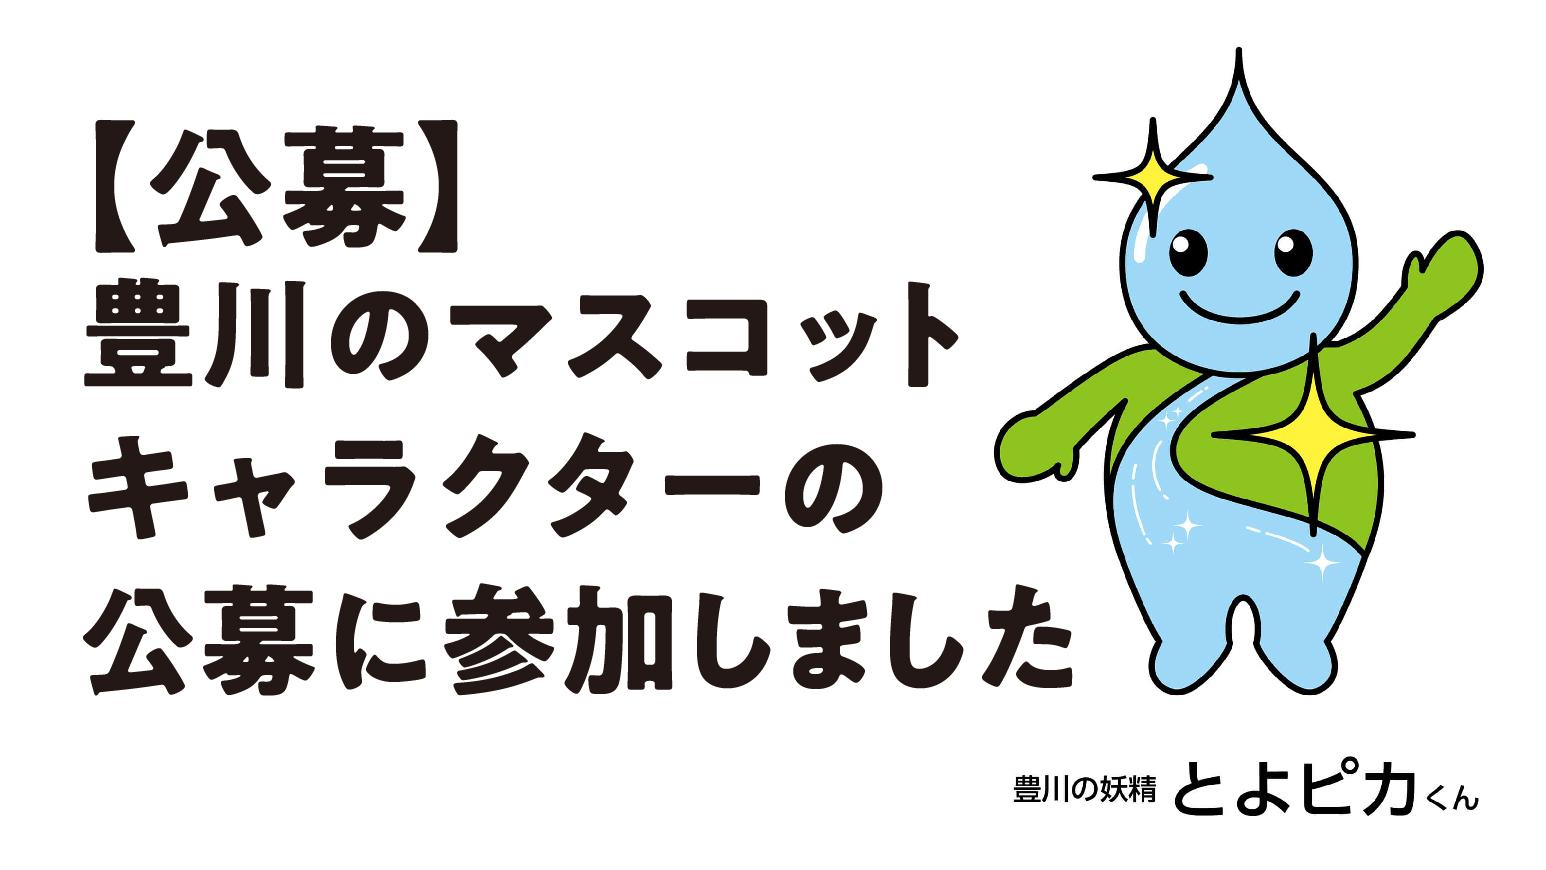 【公募】豊川のマスコットキャラクターの公募に参加しました